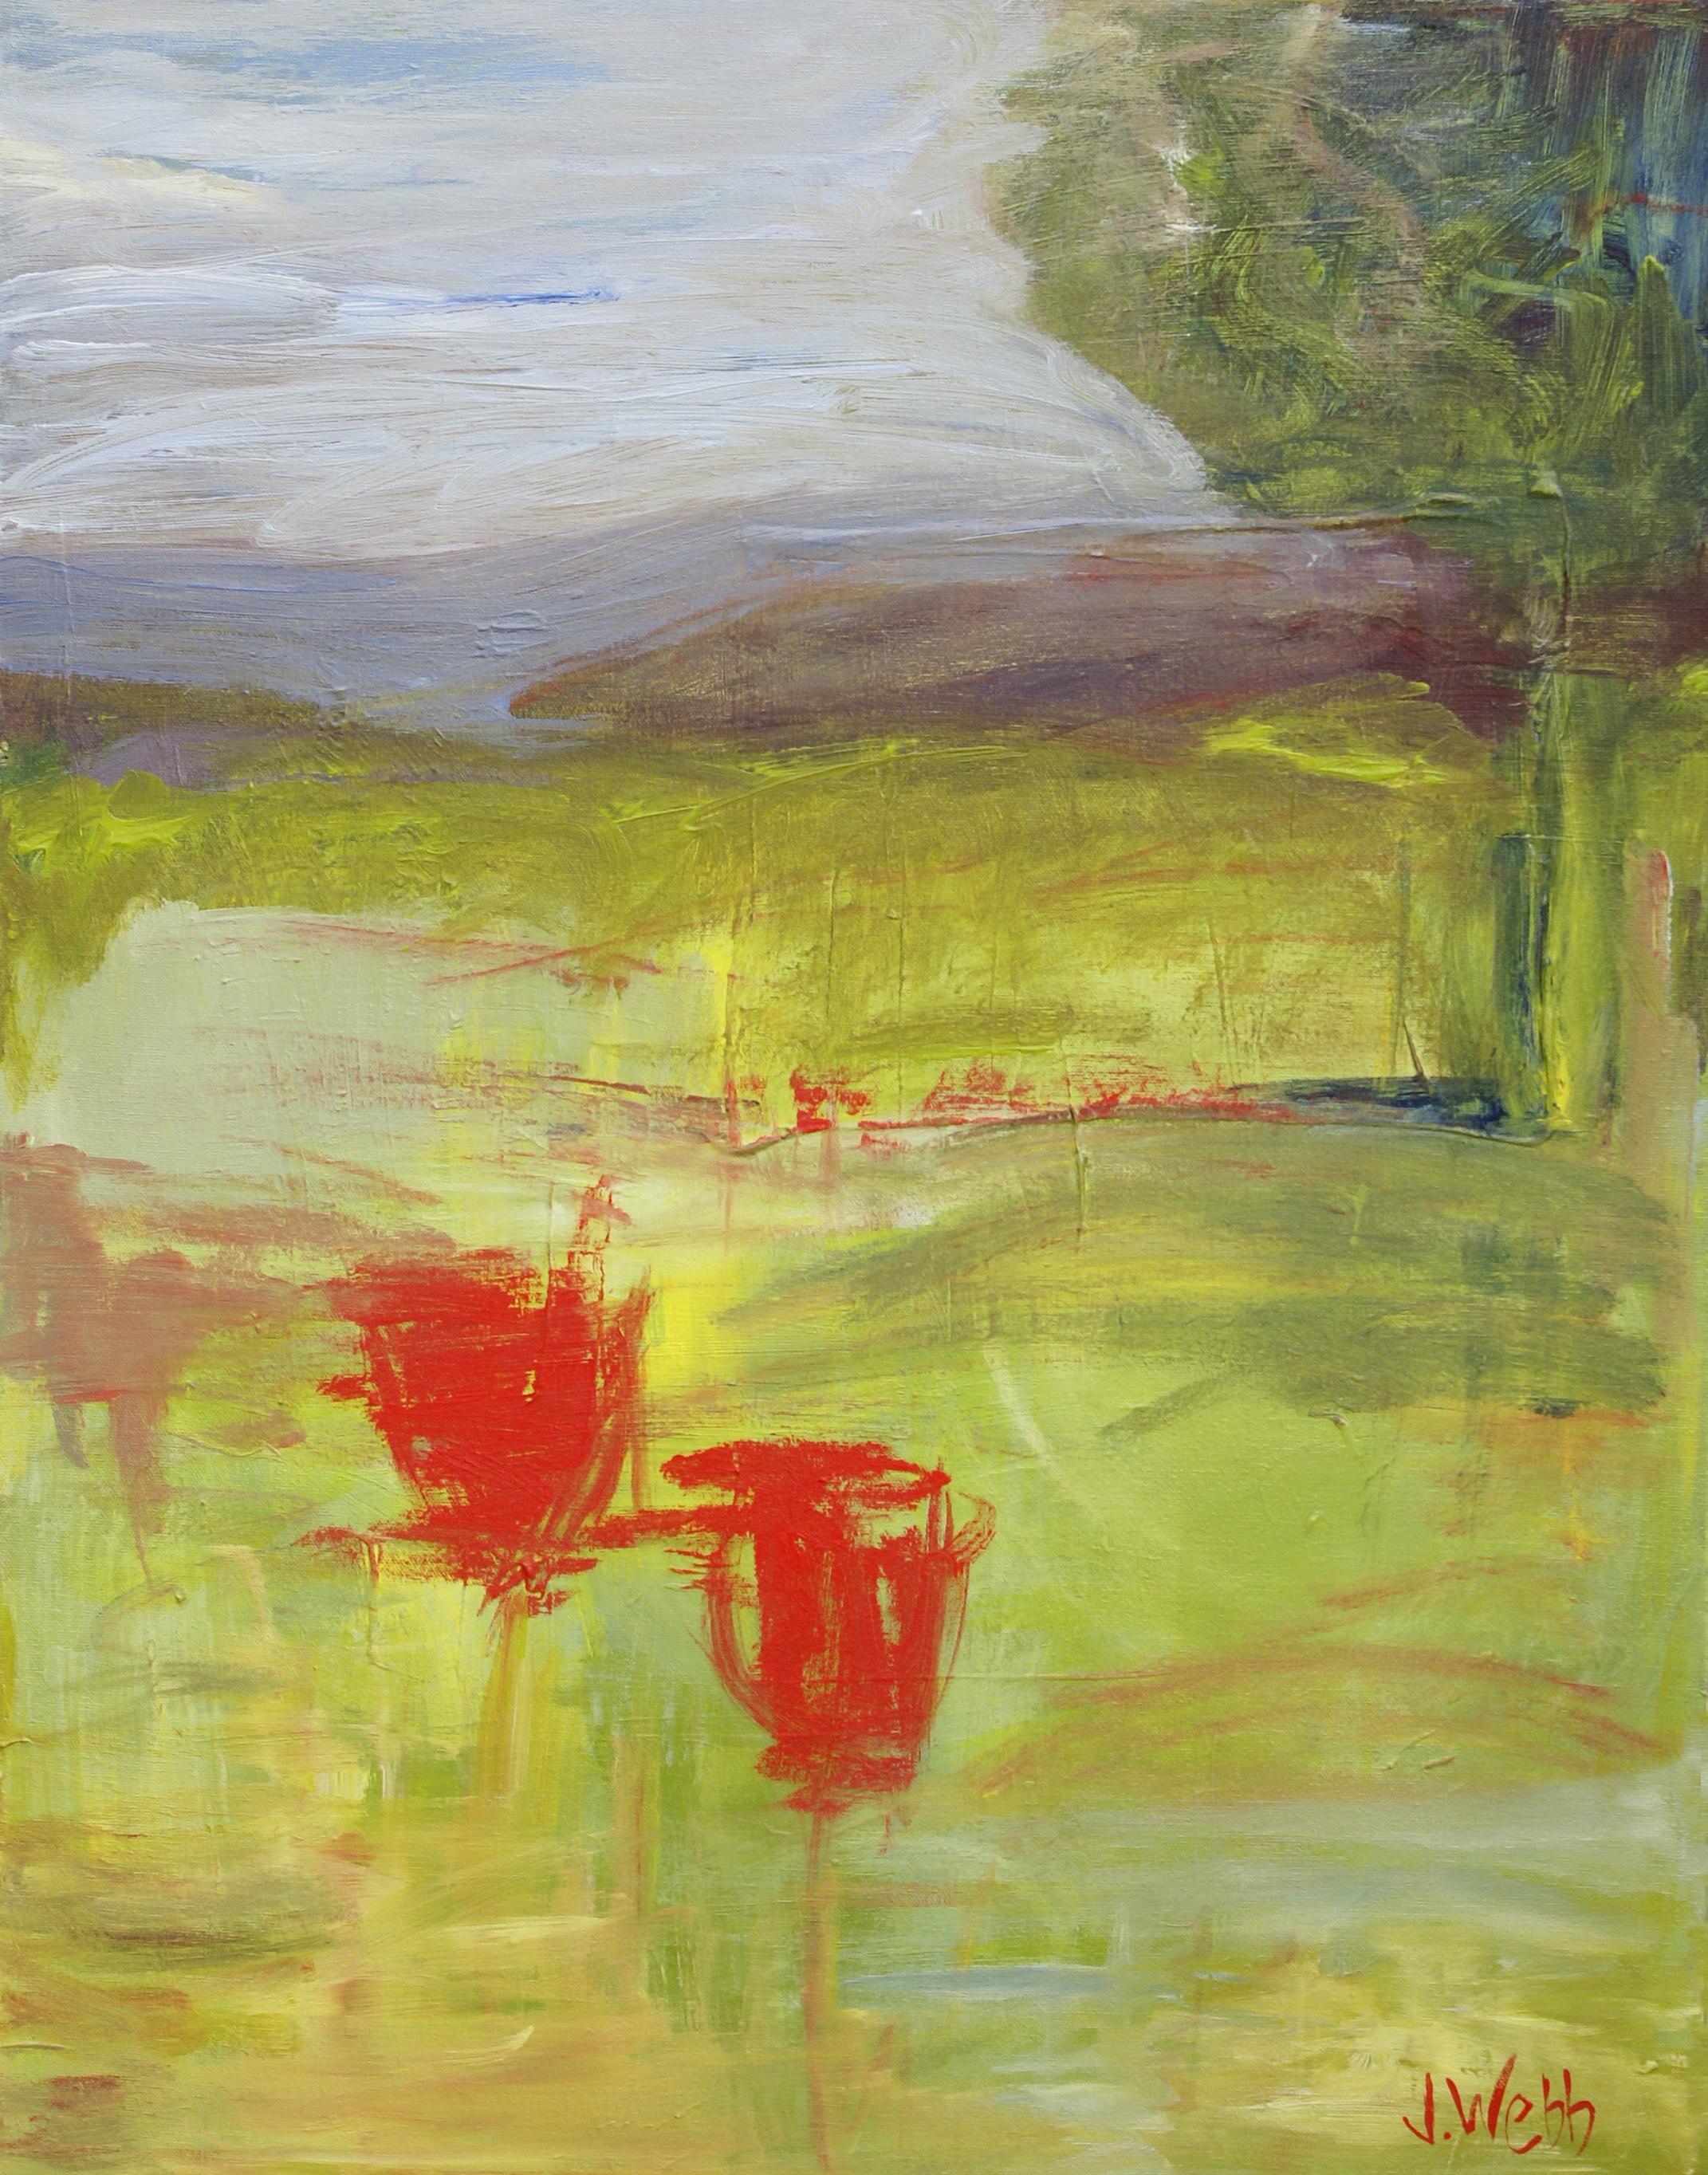 2 Herrmann_JillianWebb_22x28_and they had each other_acrylic on cotton canvas 2012.jpg